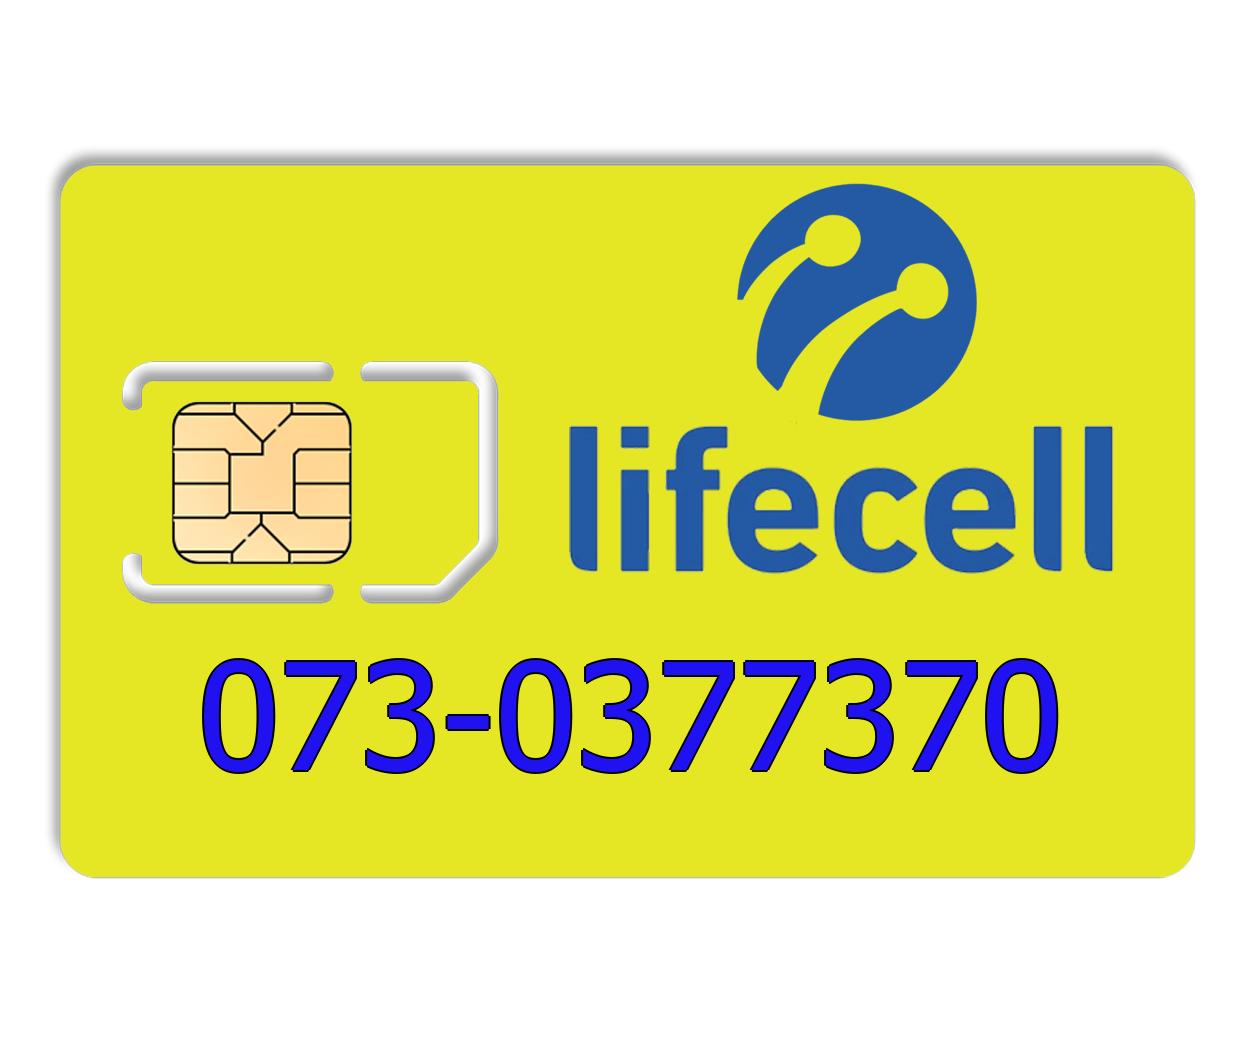 Красивый номер lifecell 073-0377370